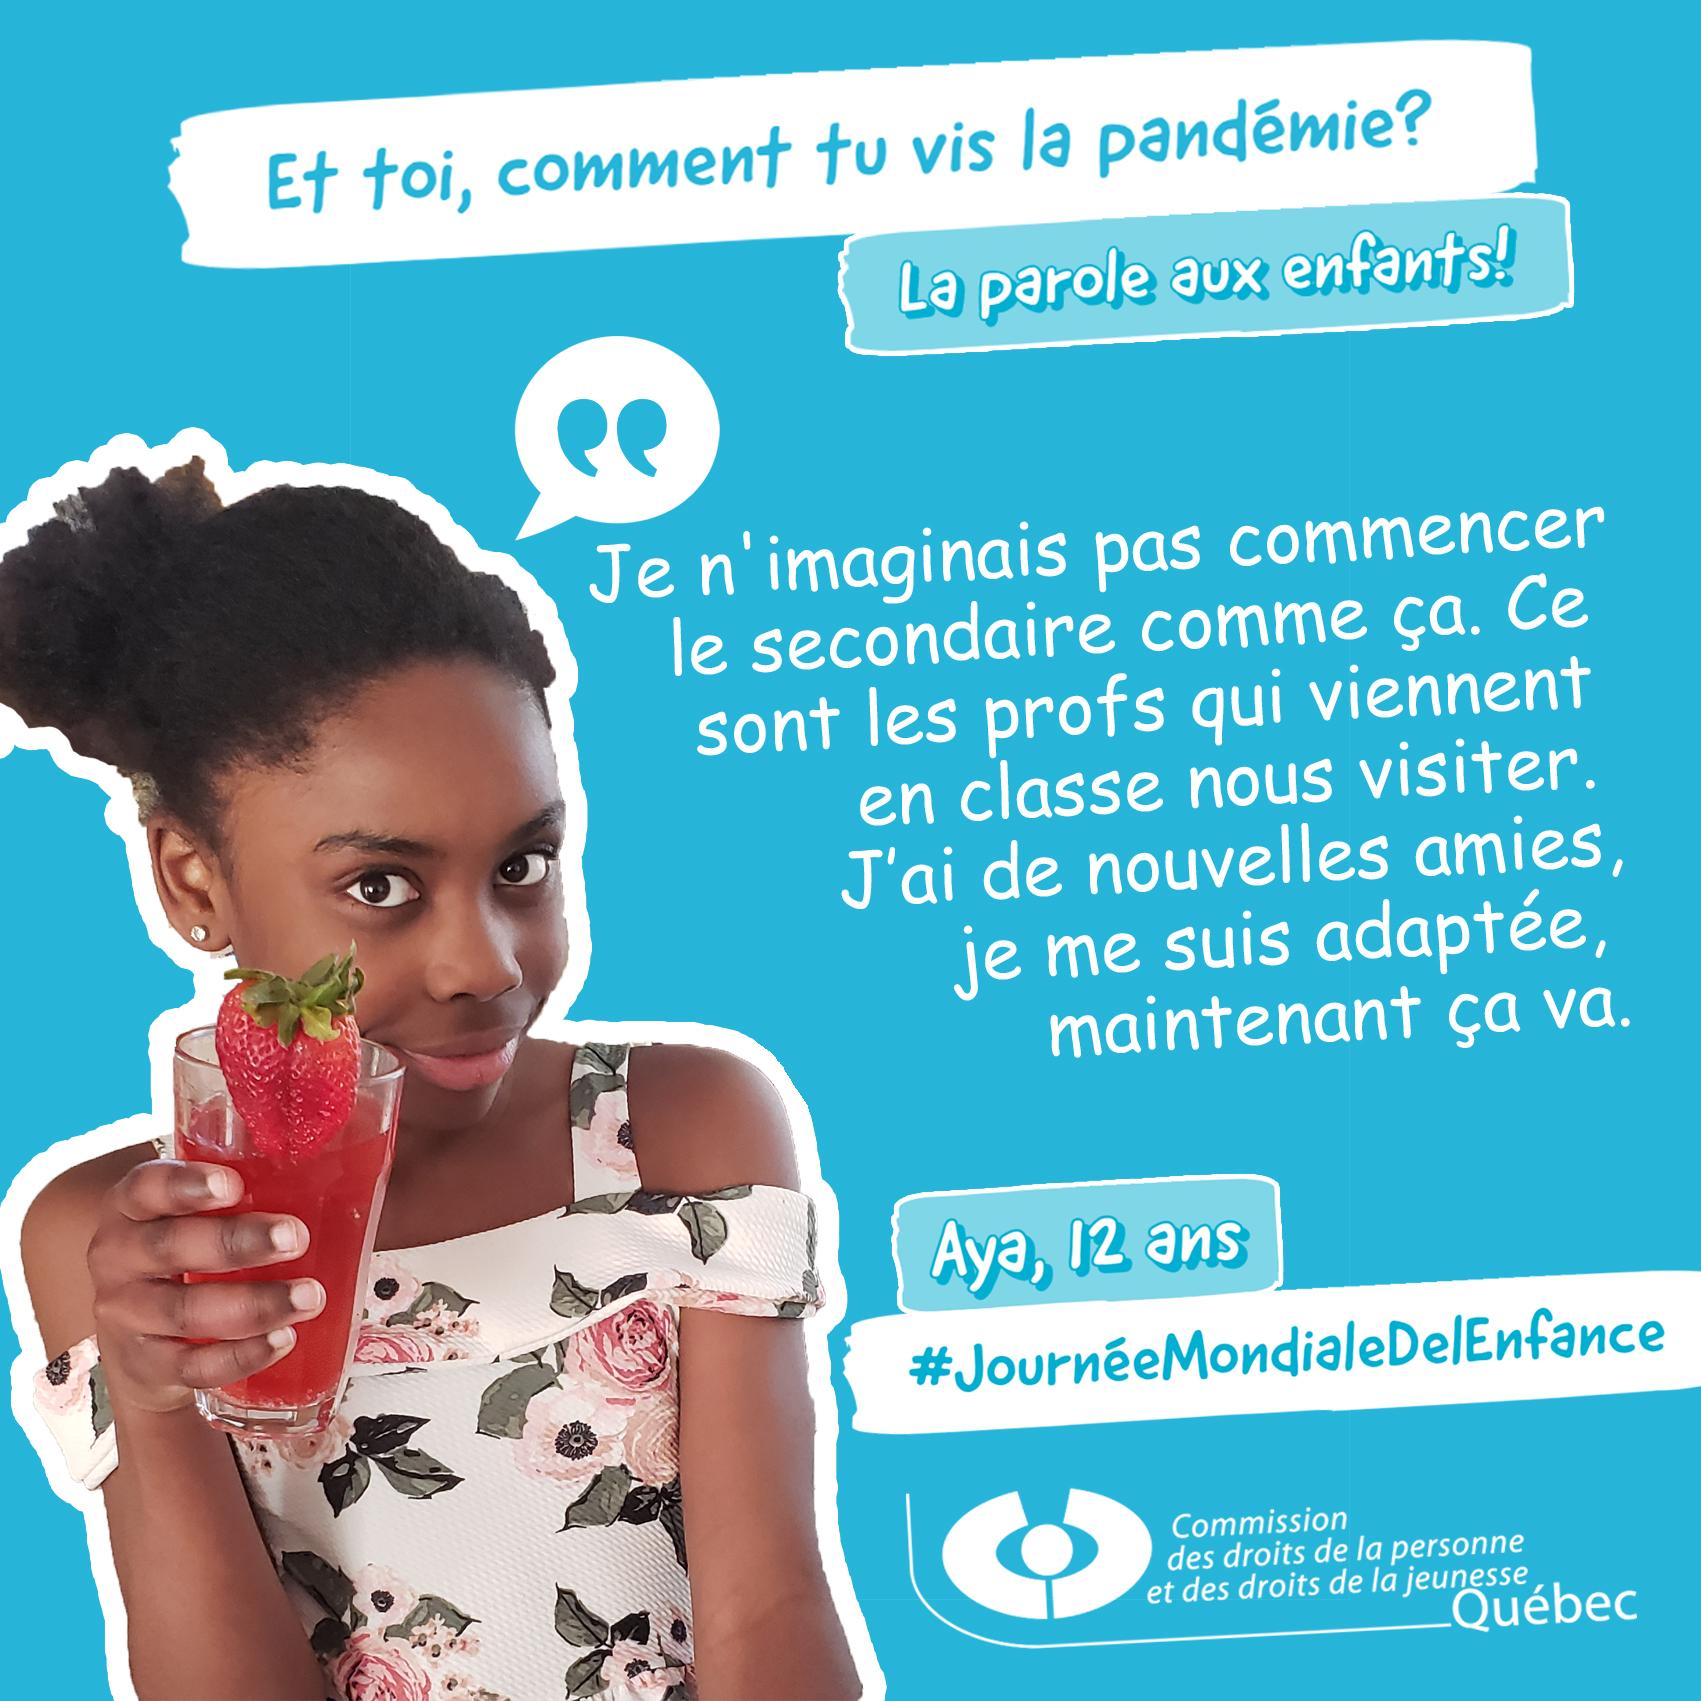 Photo et citation de Aya qui répond à la question Et toi, comment tu vis la pandémie?